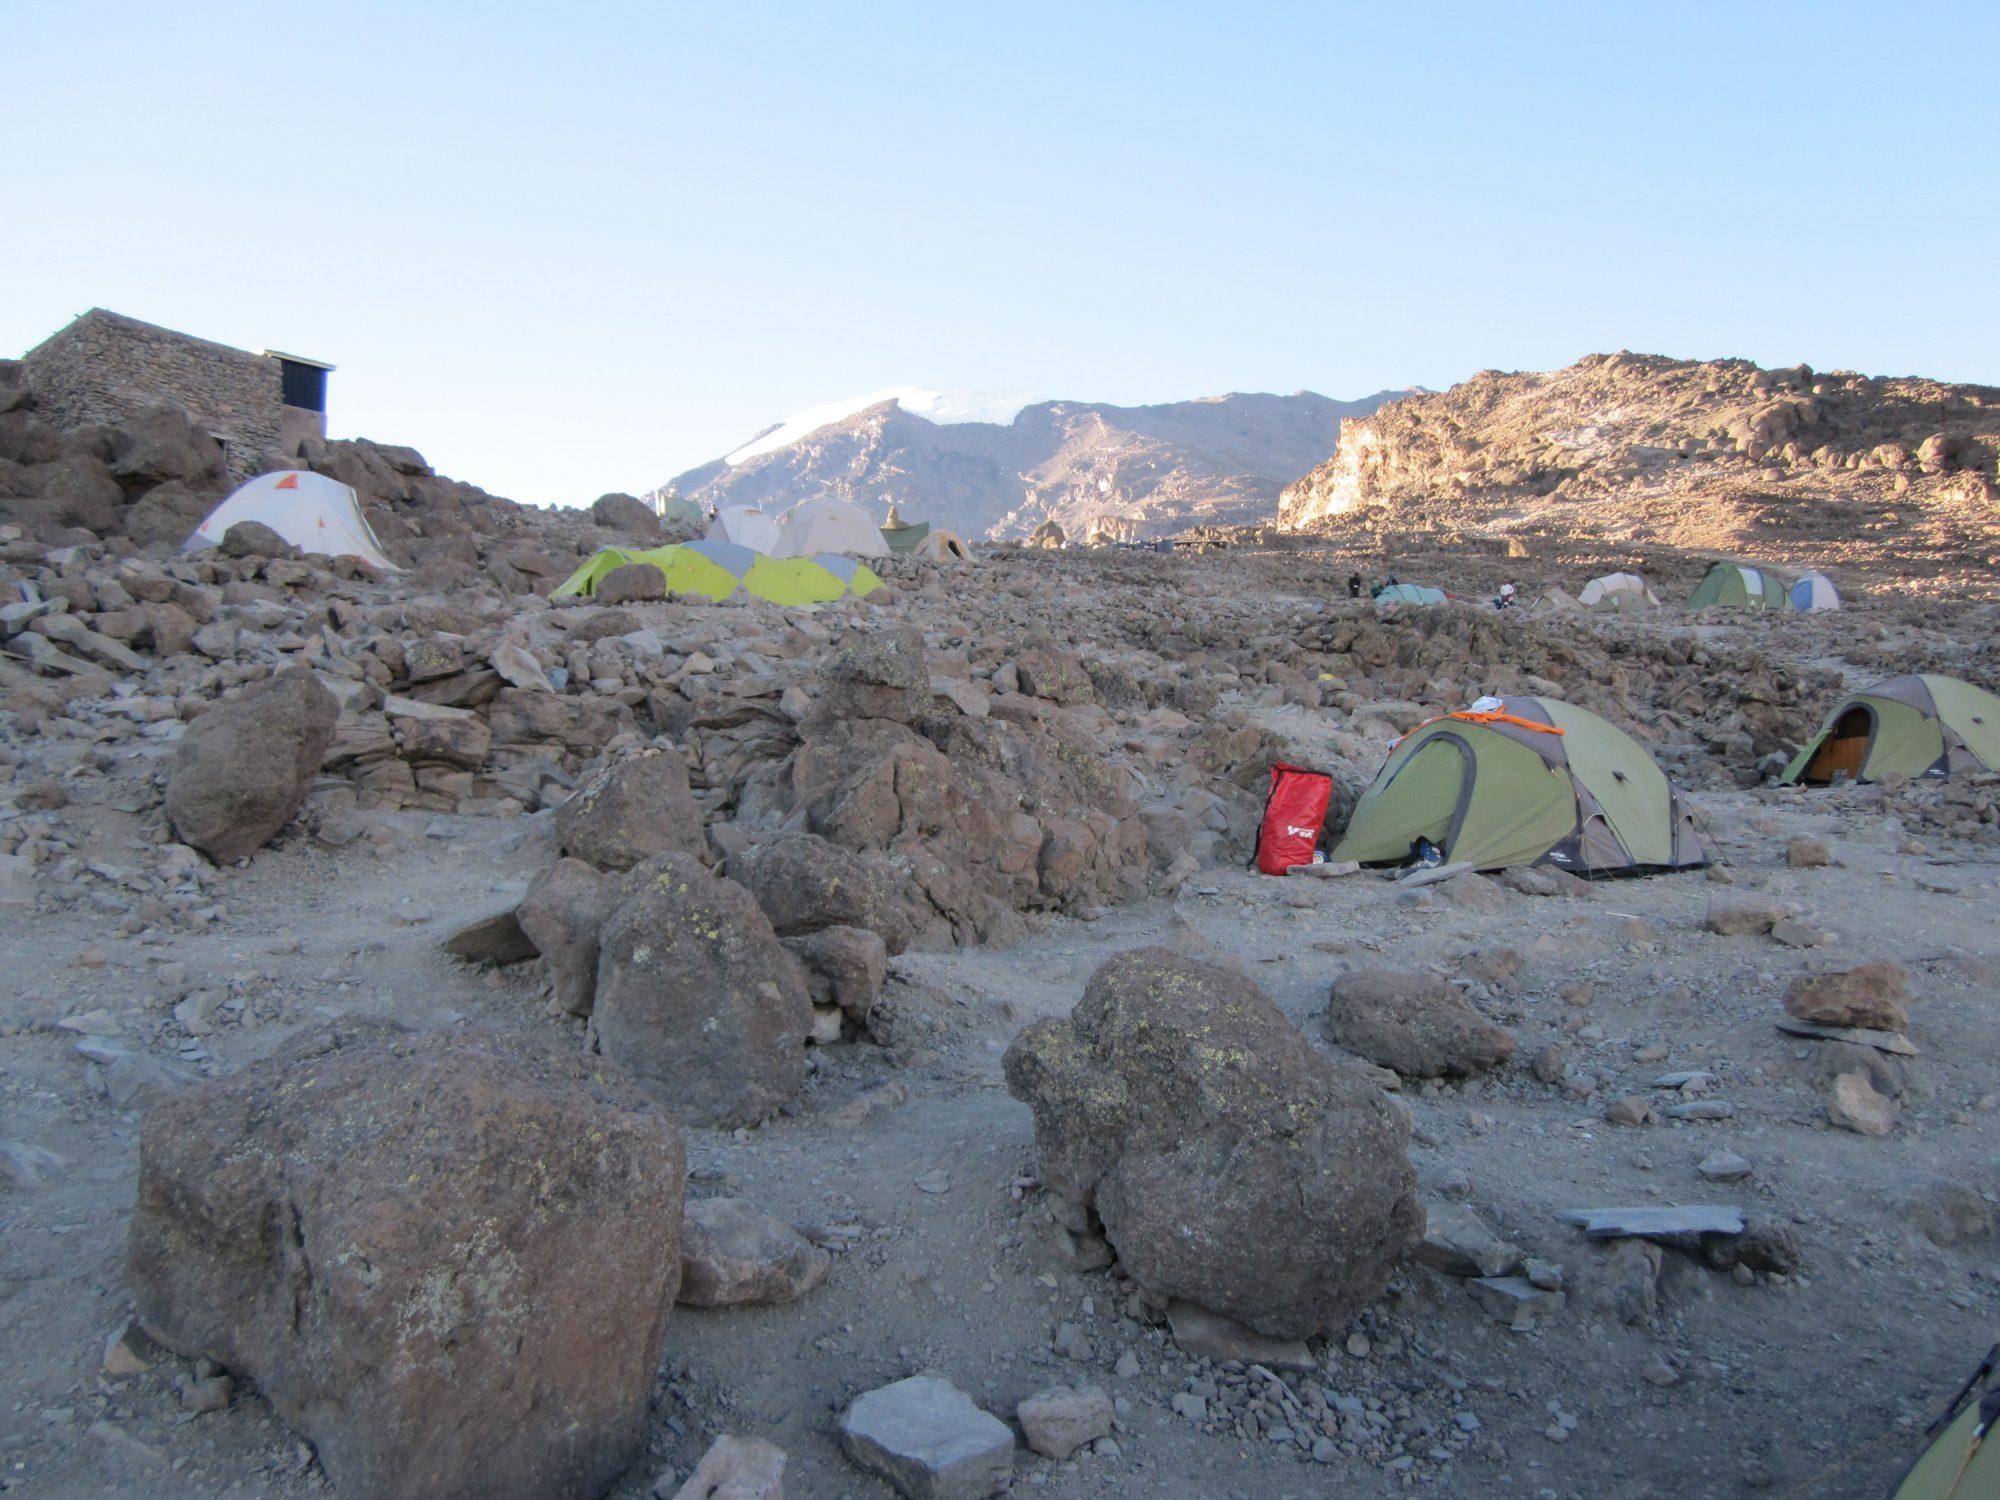 Barafu Camp und Gipfel, Kilimandscharo, Kilimandscharo besteigen, Tansania, Afrika, Kilimandscharo Tour, Erfahrungsbericht, Machame Route